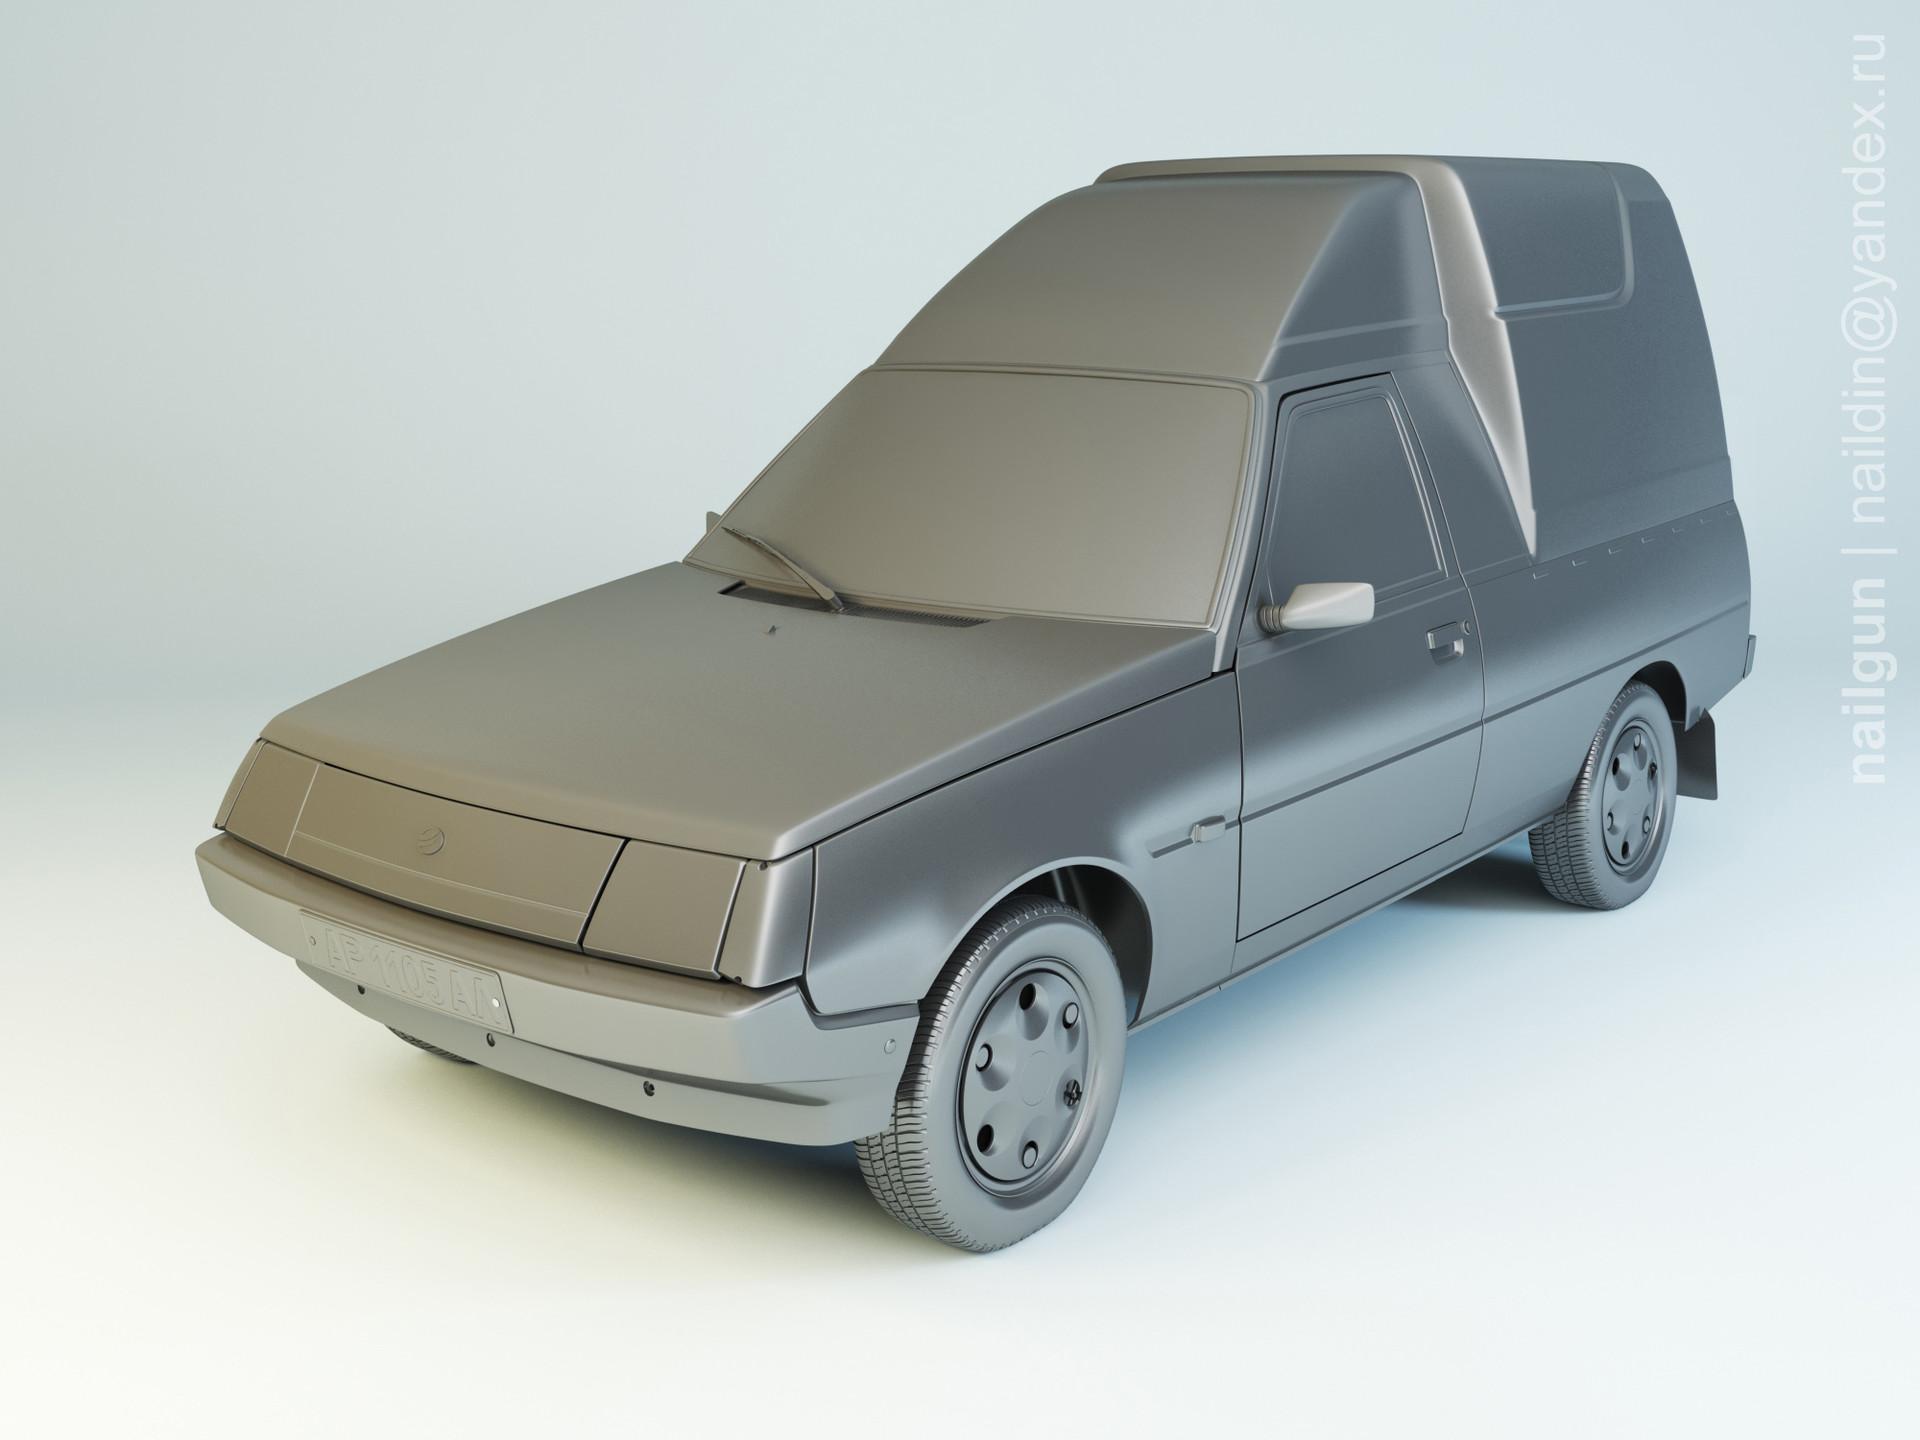 Nail khusnutdinov als 199 008 zaz 110557 51 tavria modelling 0